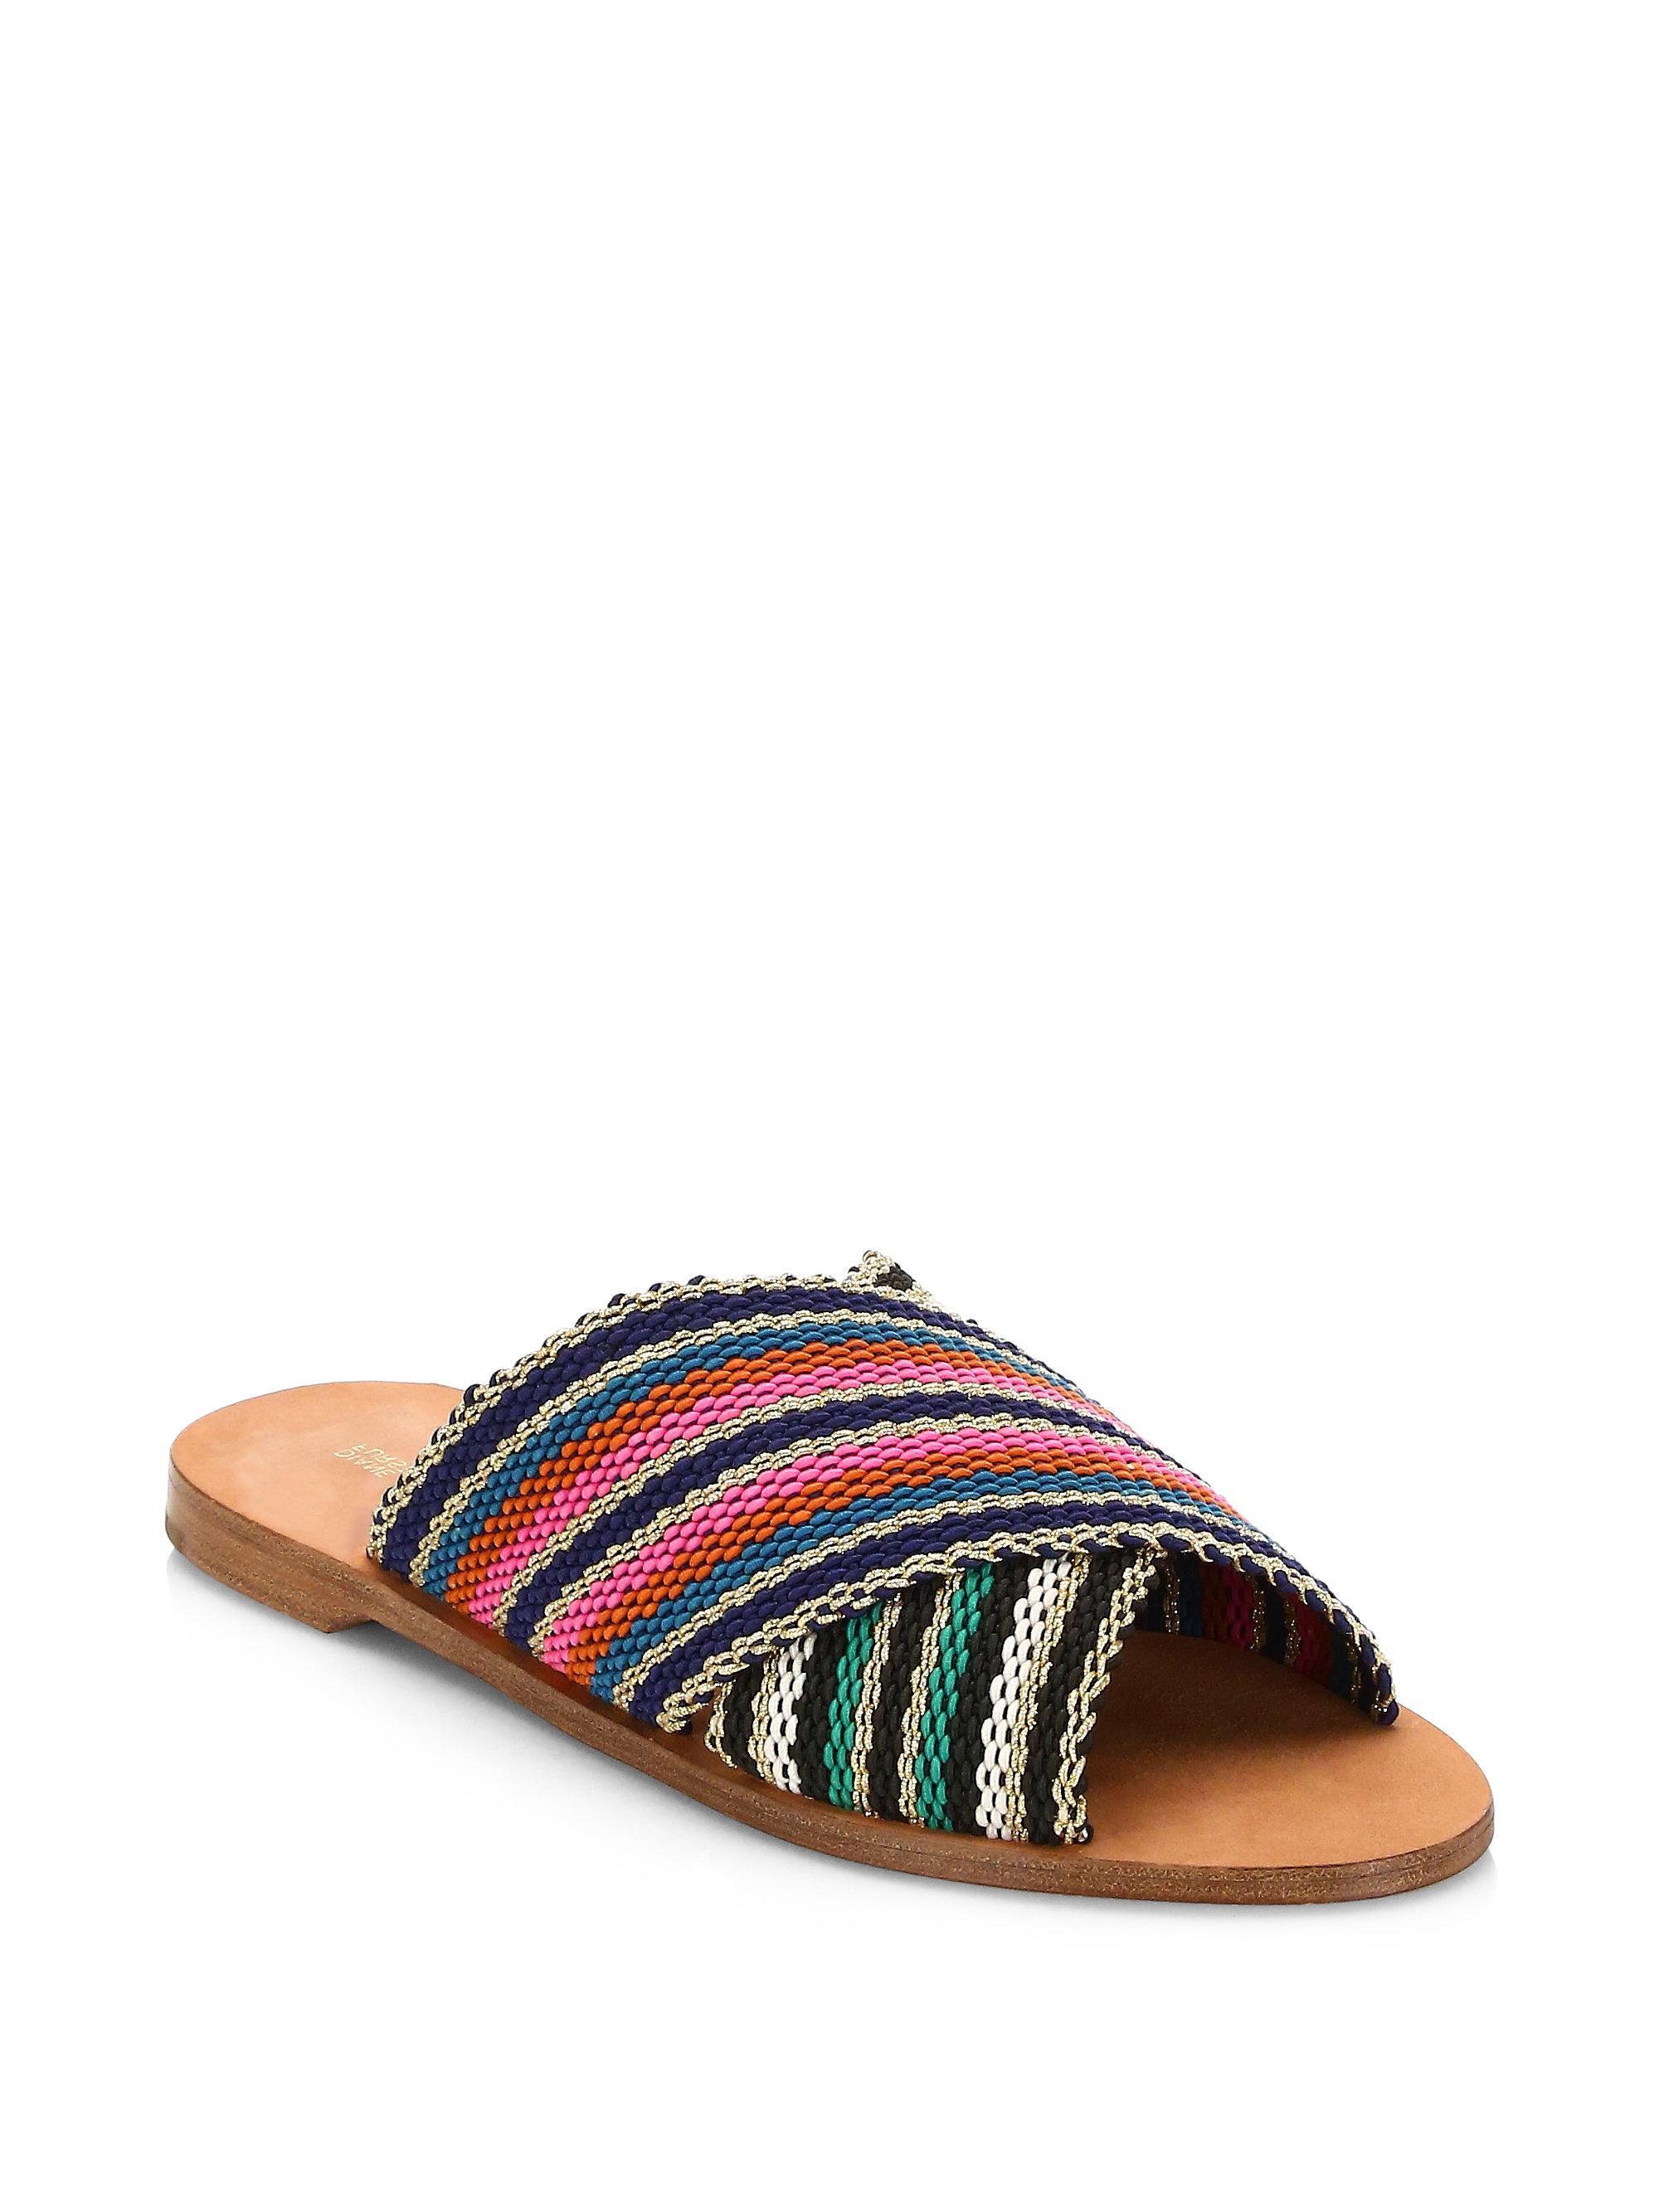 Diane von Furstenberg Cindi Multicolored Patterned Slides biUkaU